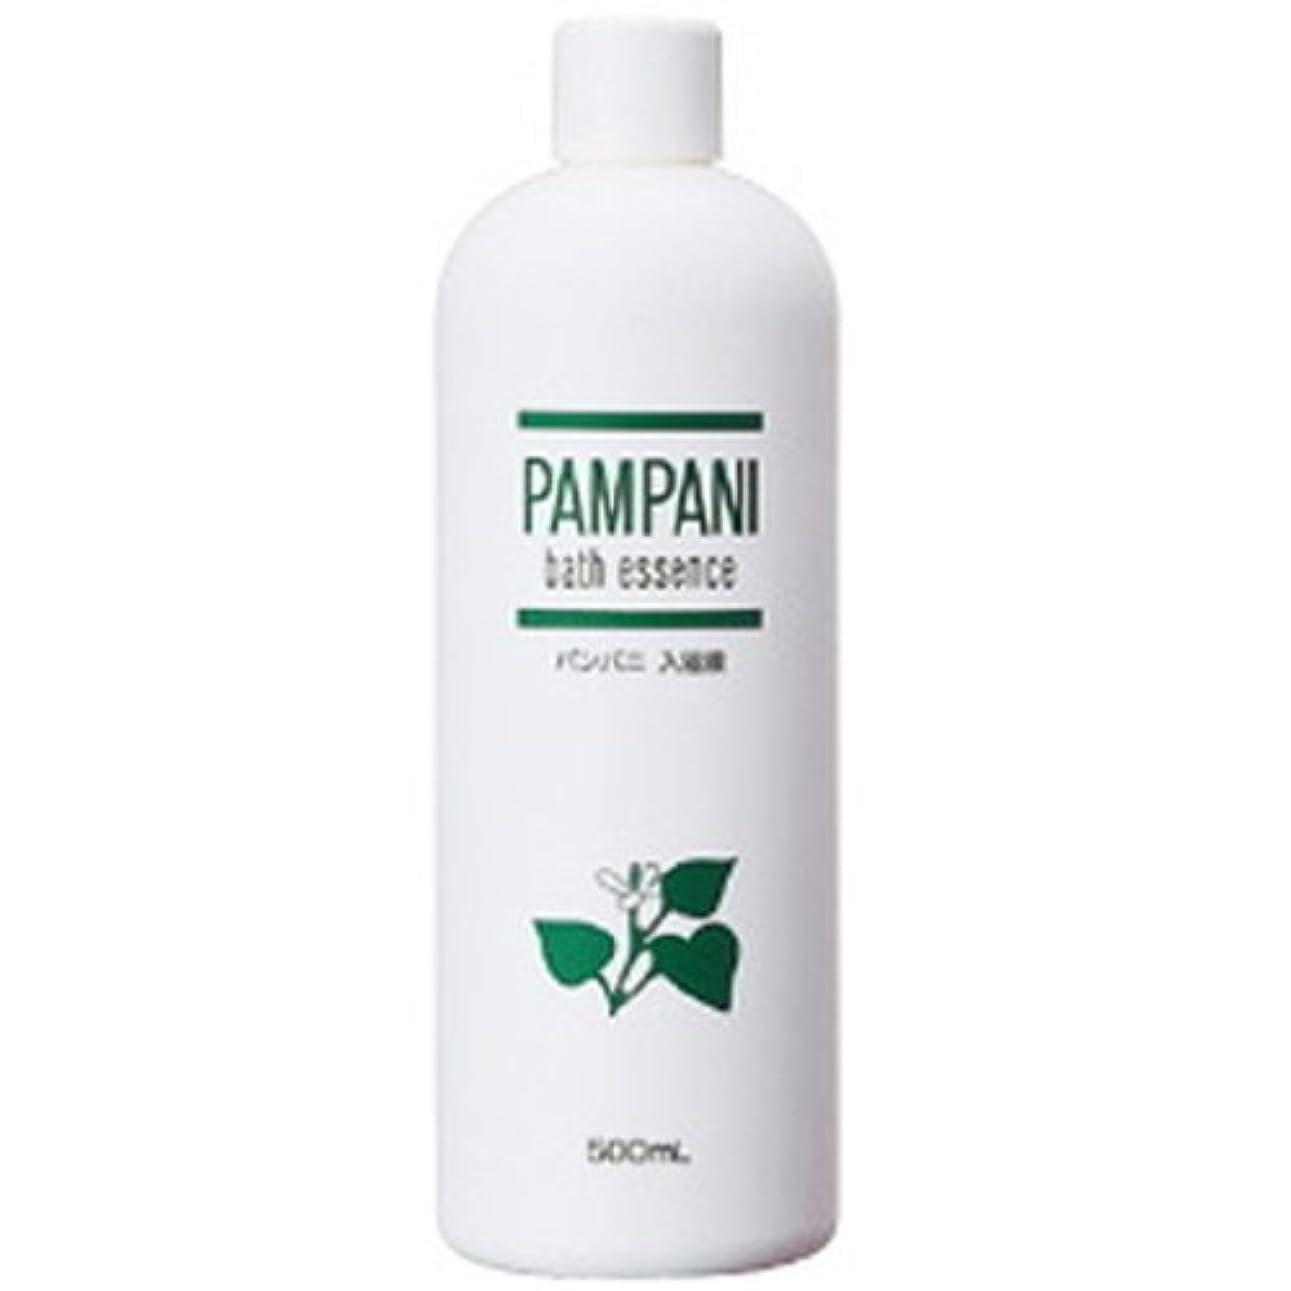 アーカイブ遺体安置所マラソンパンパニ(PAMPANI) 入浴液(希釈タイプ) 500ml